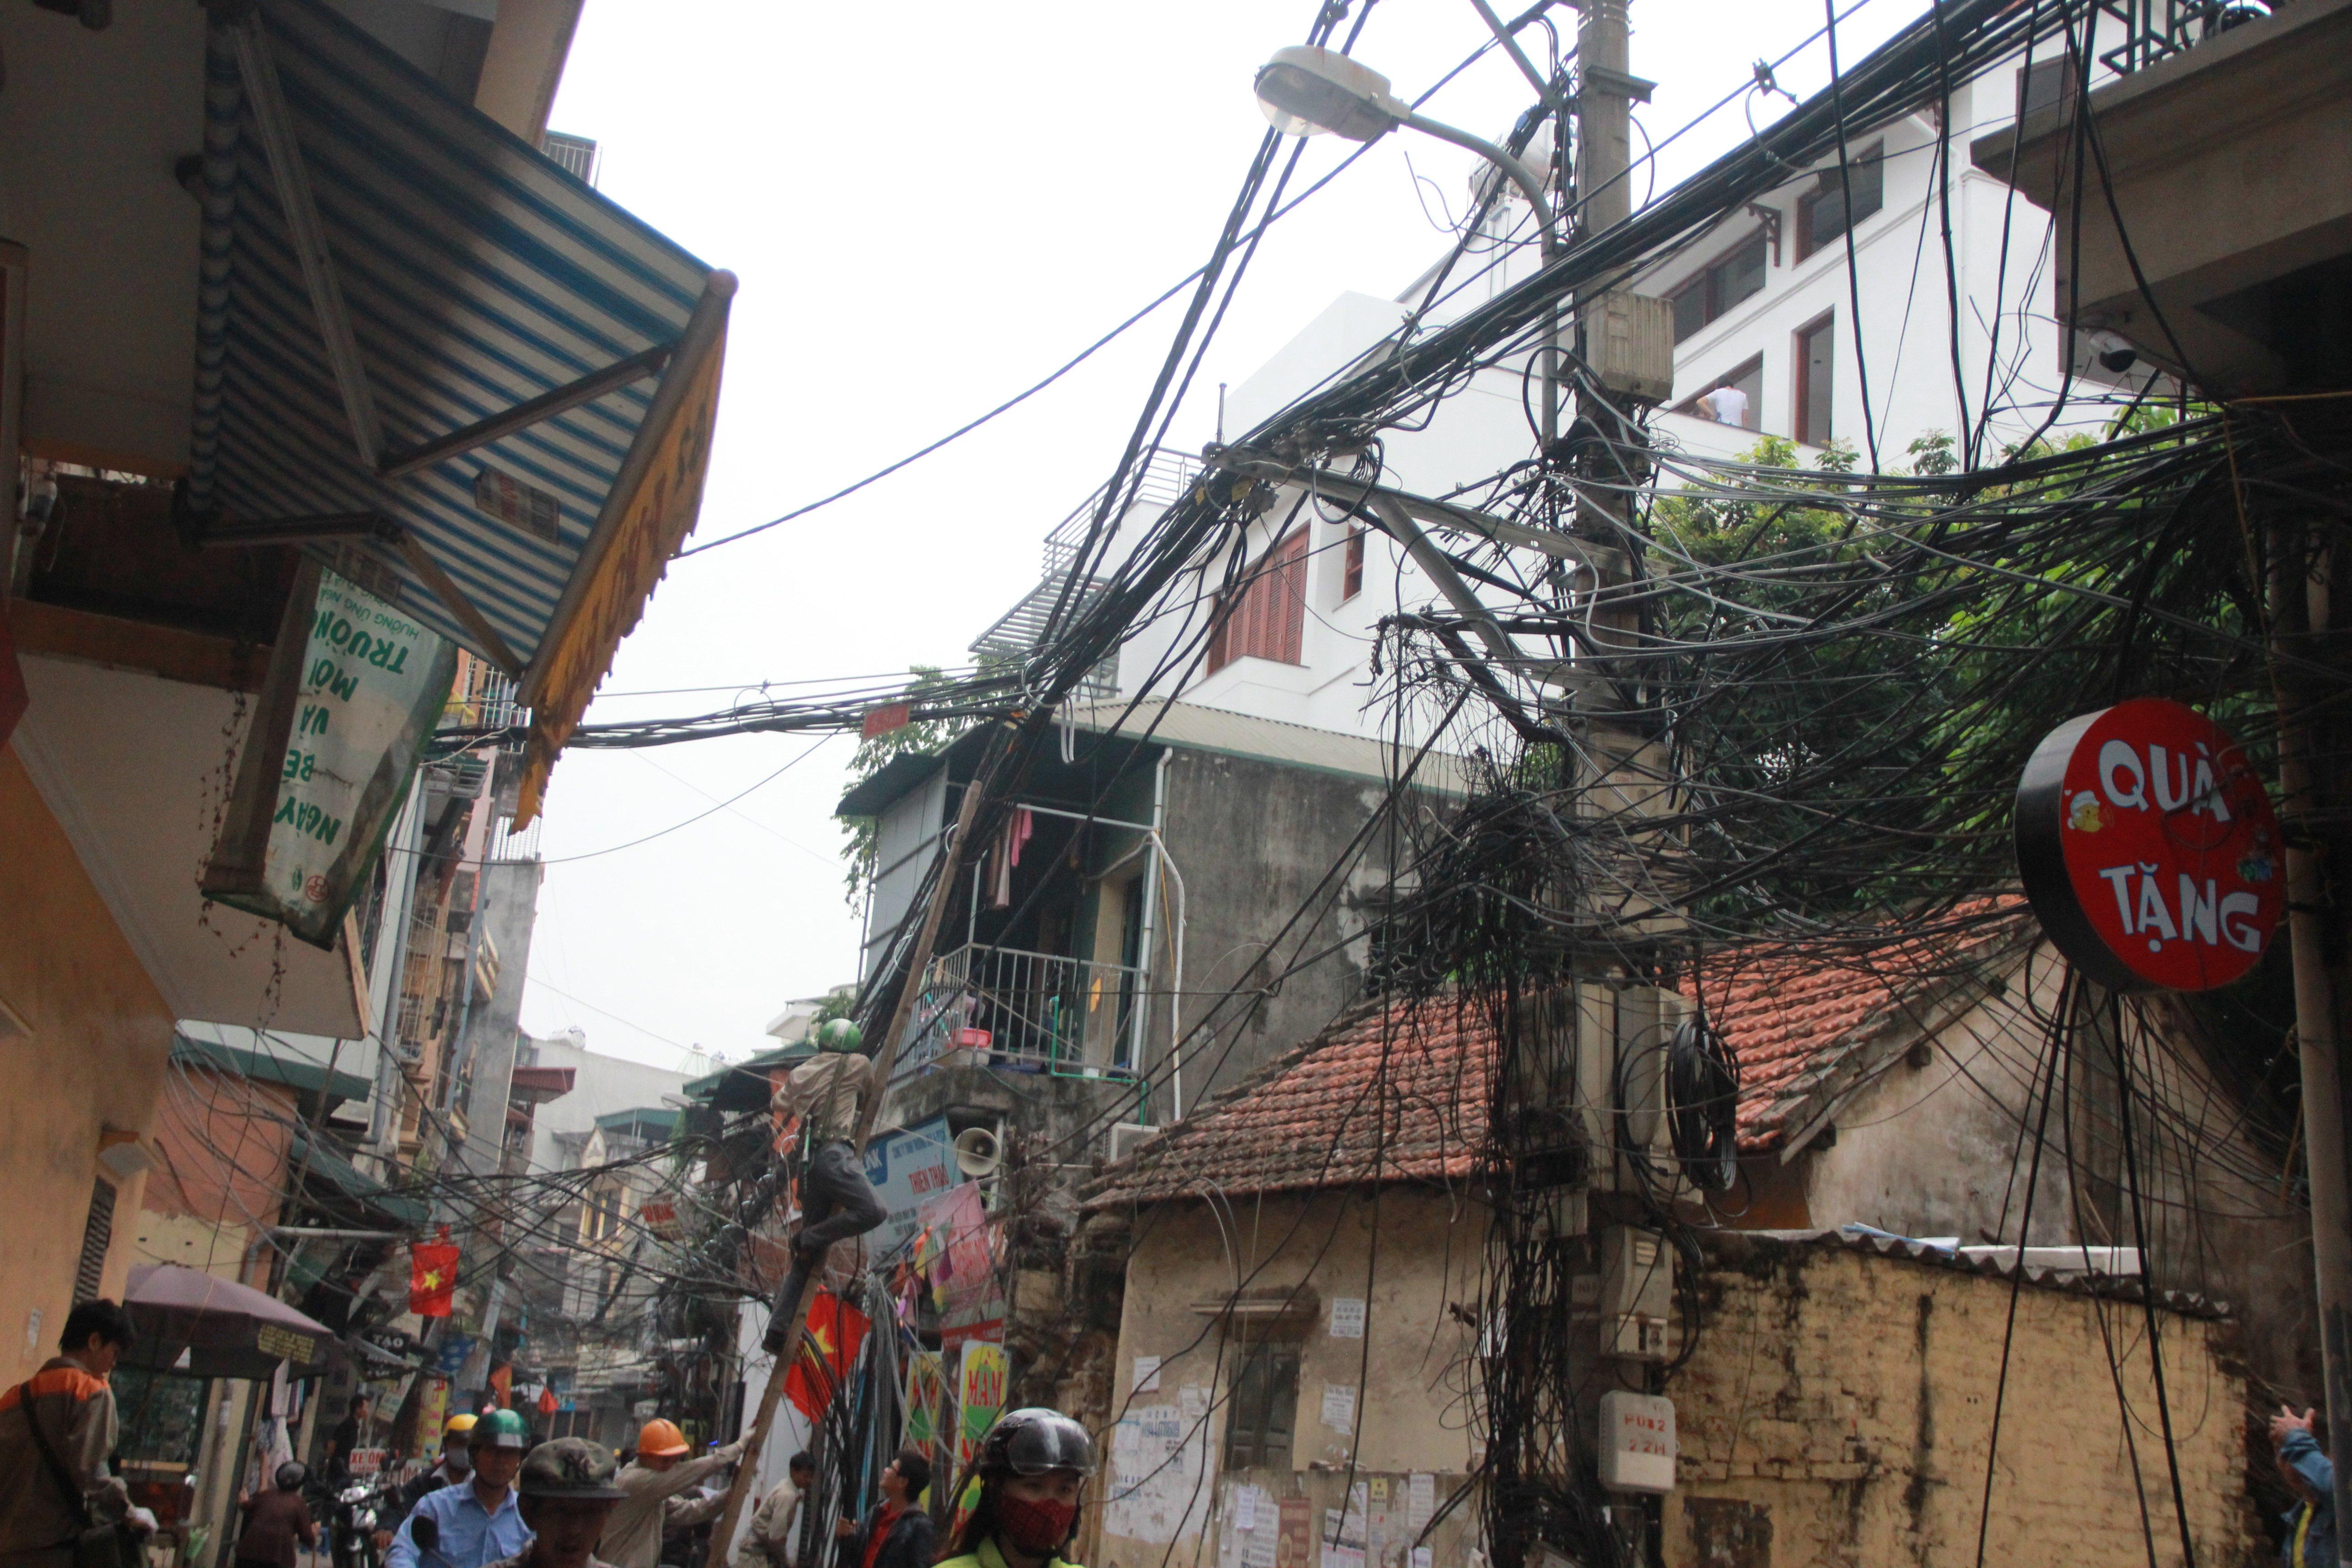 Hình ảnh Cận cảnh dọn ổ mạng nhện khổng lồ ở Hà Nội số 10